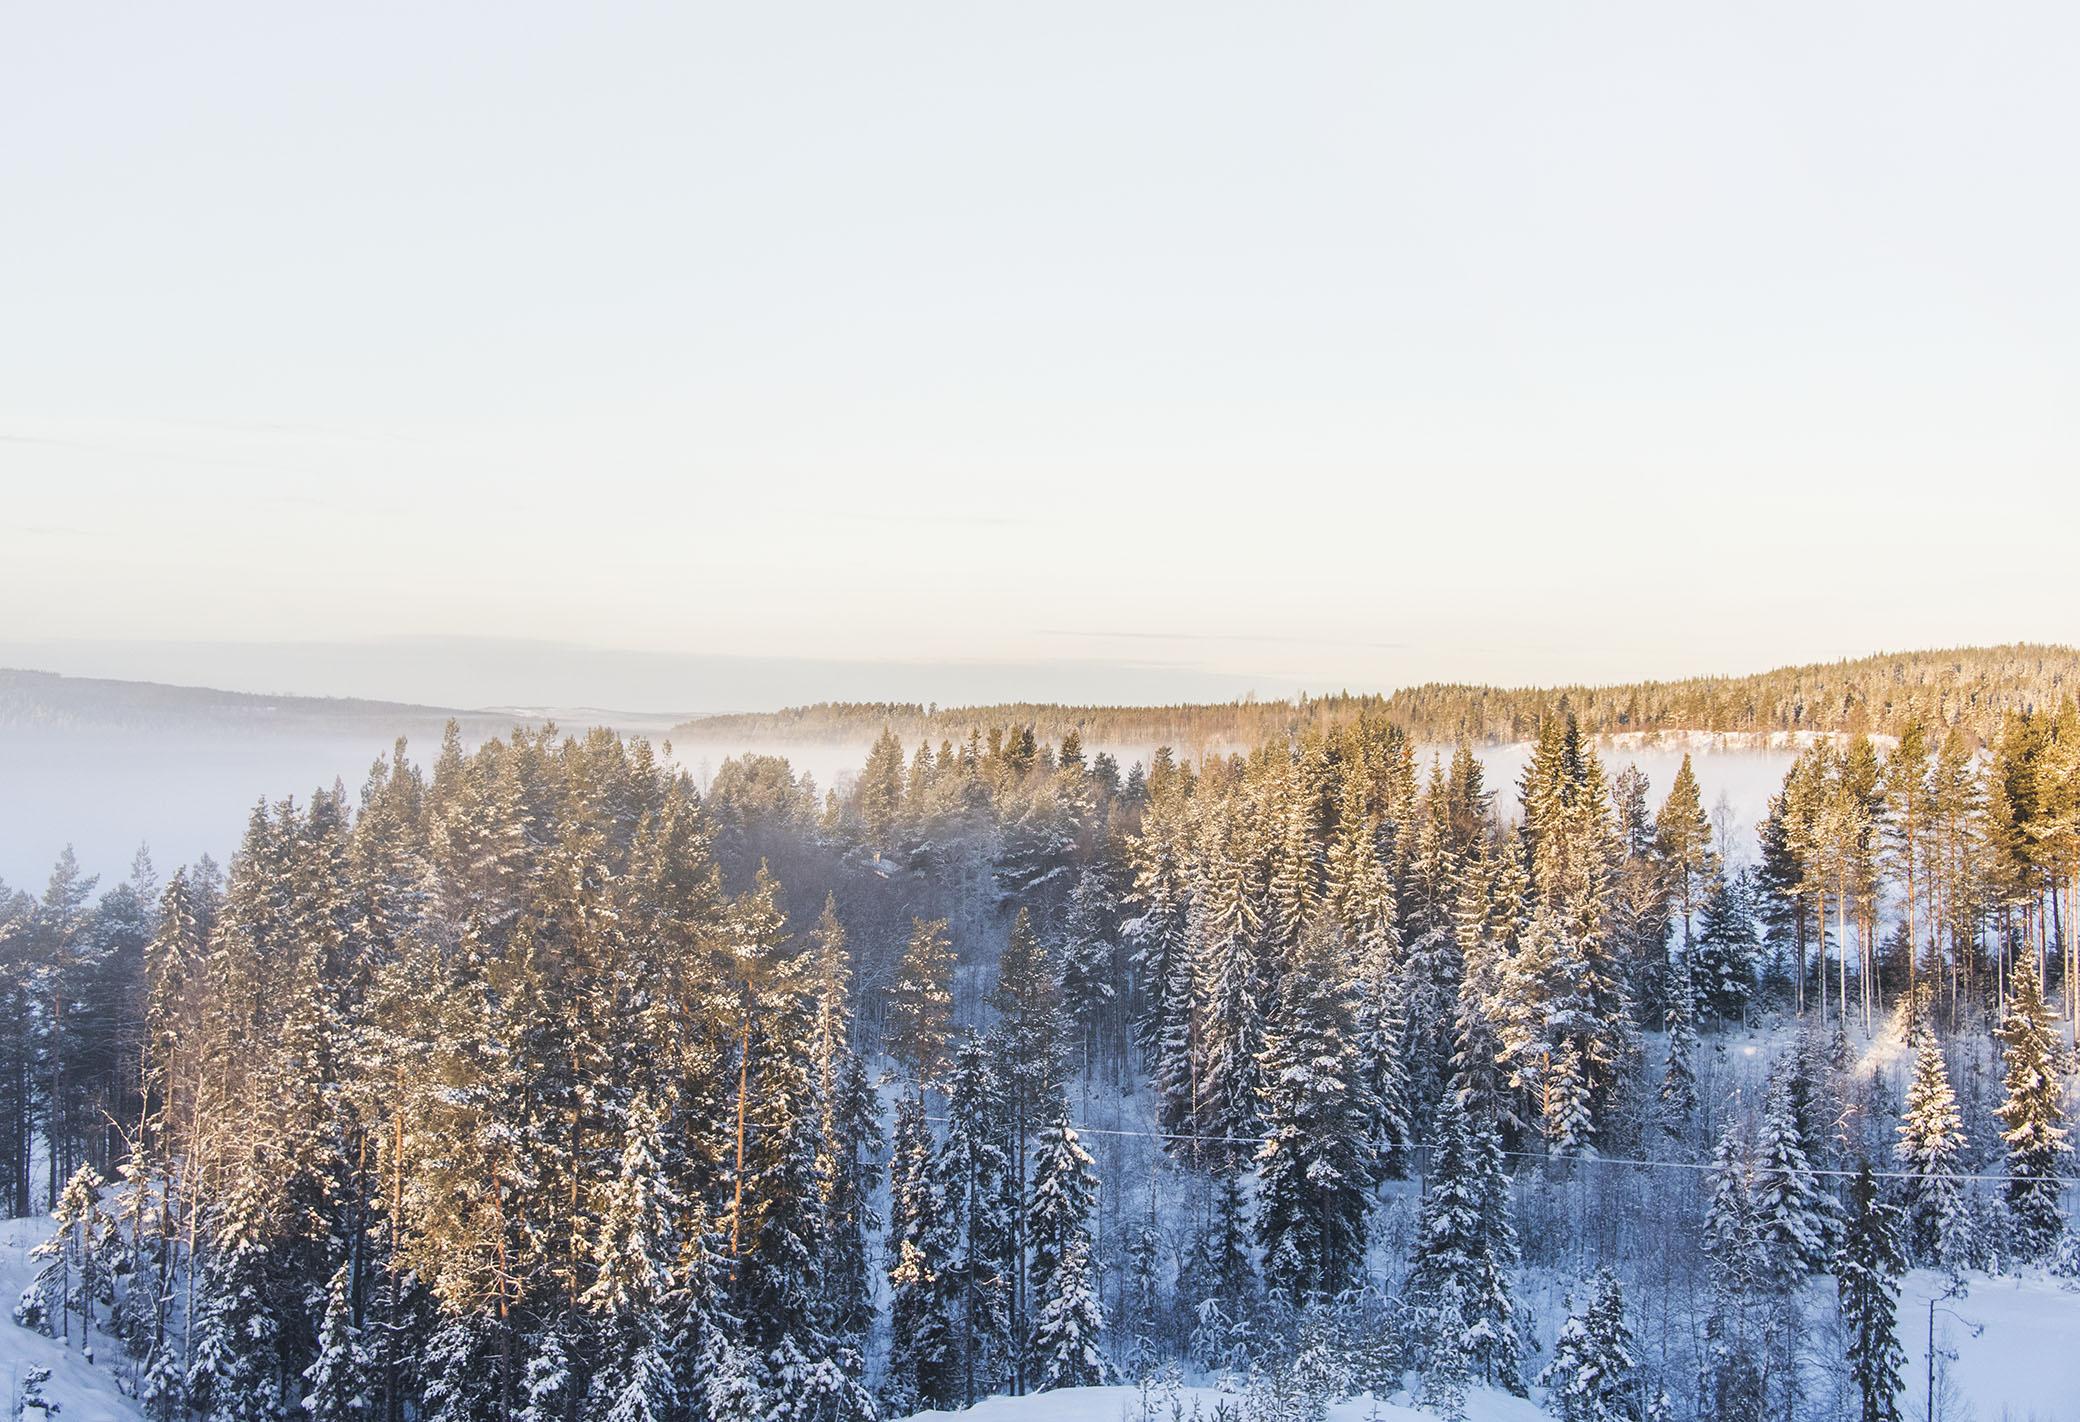 I morse gick jag upp på höjden ovanför byn för att möta solens första strålar och titta på morgondimman som låg tät över sjön.